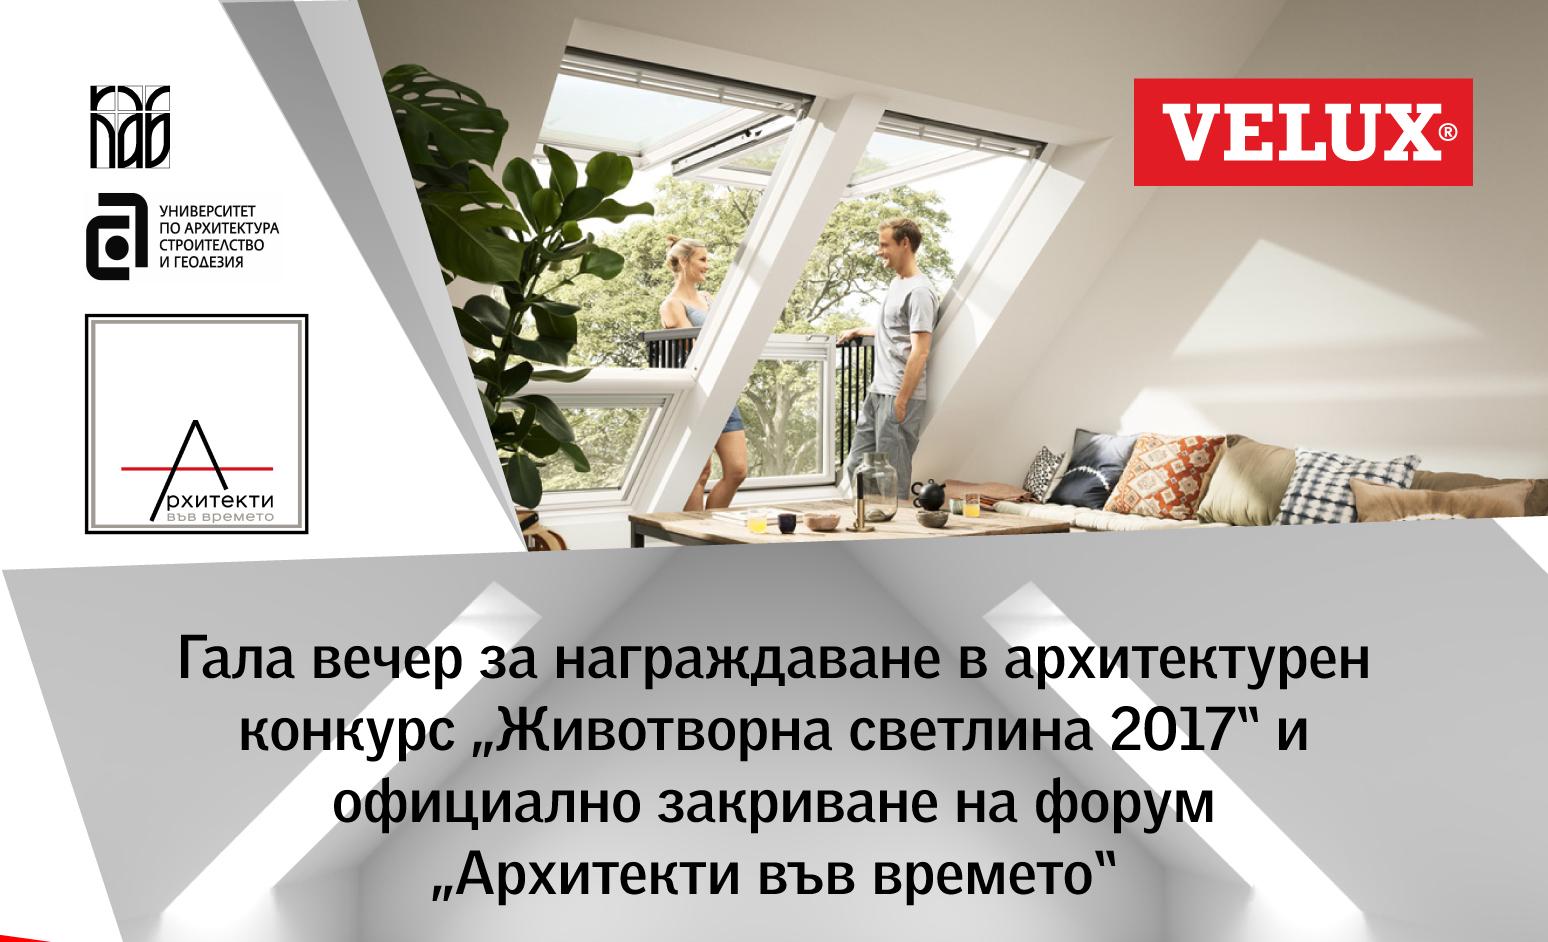 Pokana_VELUX_final2